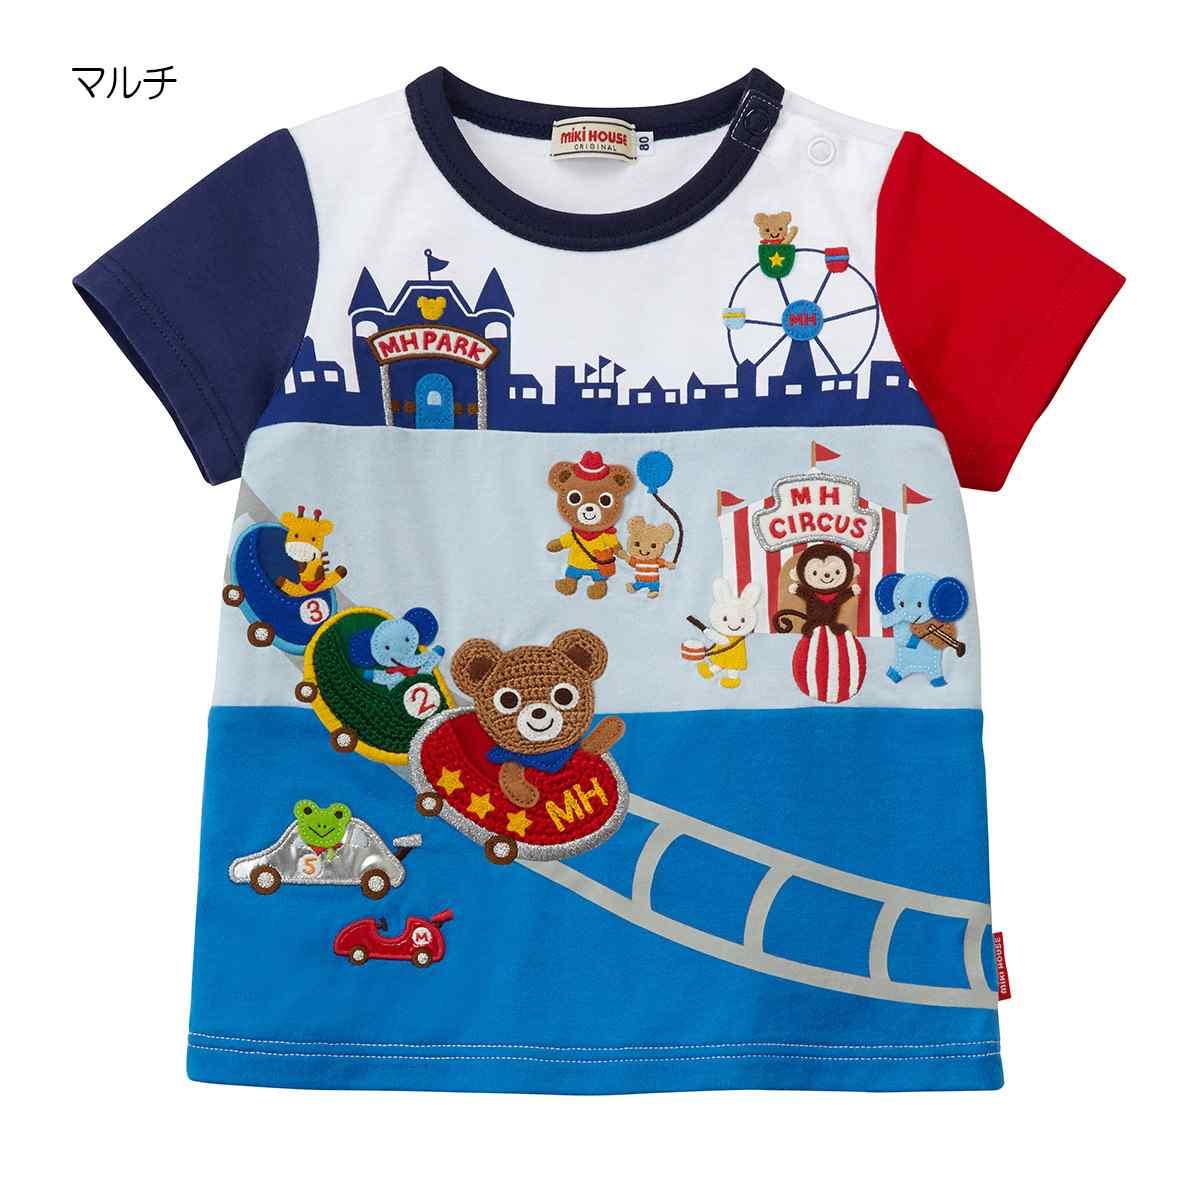 ◇【ミキハウス】Tシャツ22000【10800円以上で送料無料(国内)】